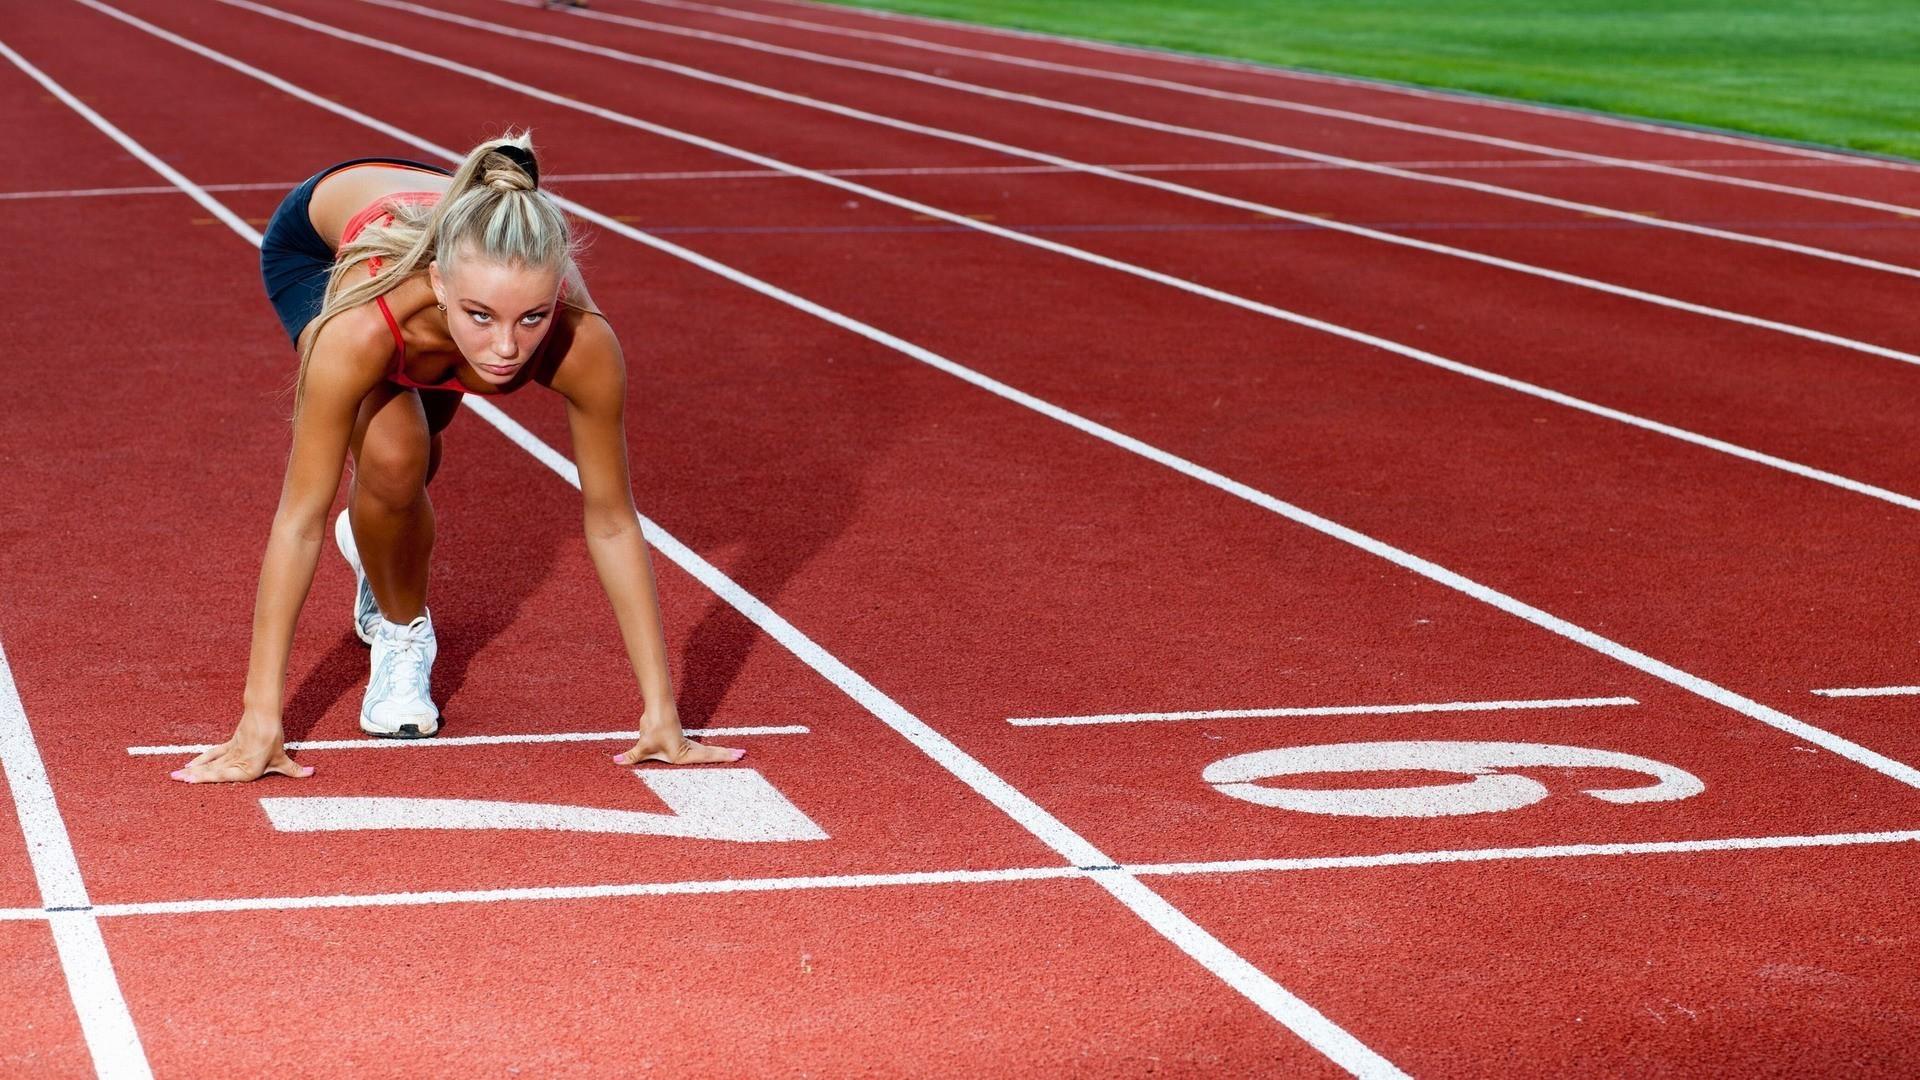 Female Runner At The Start